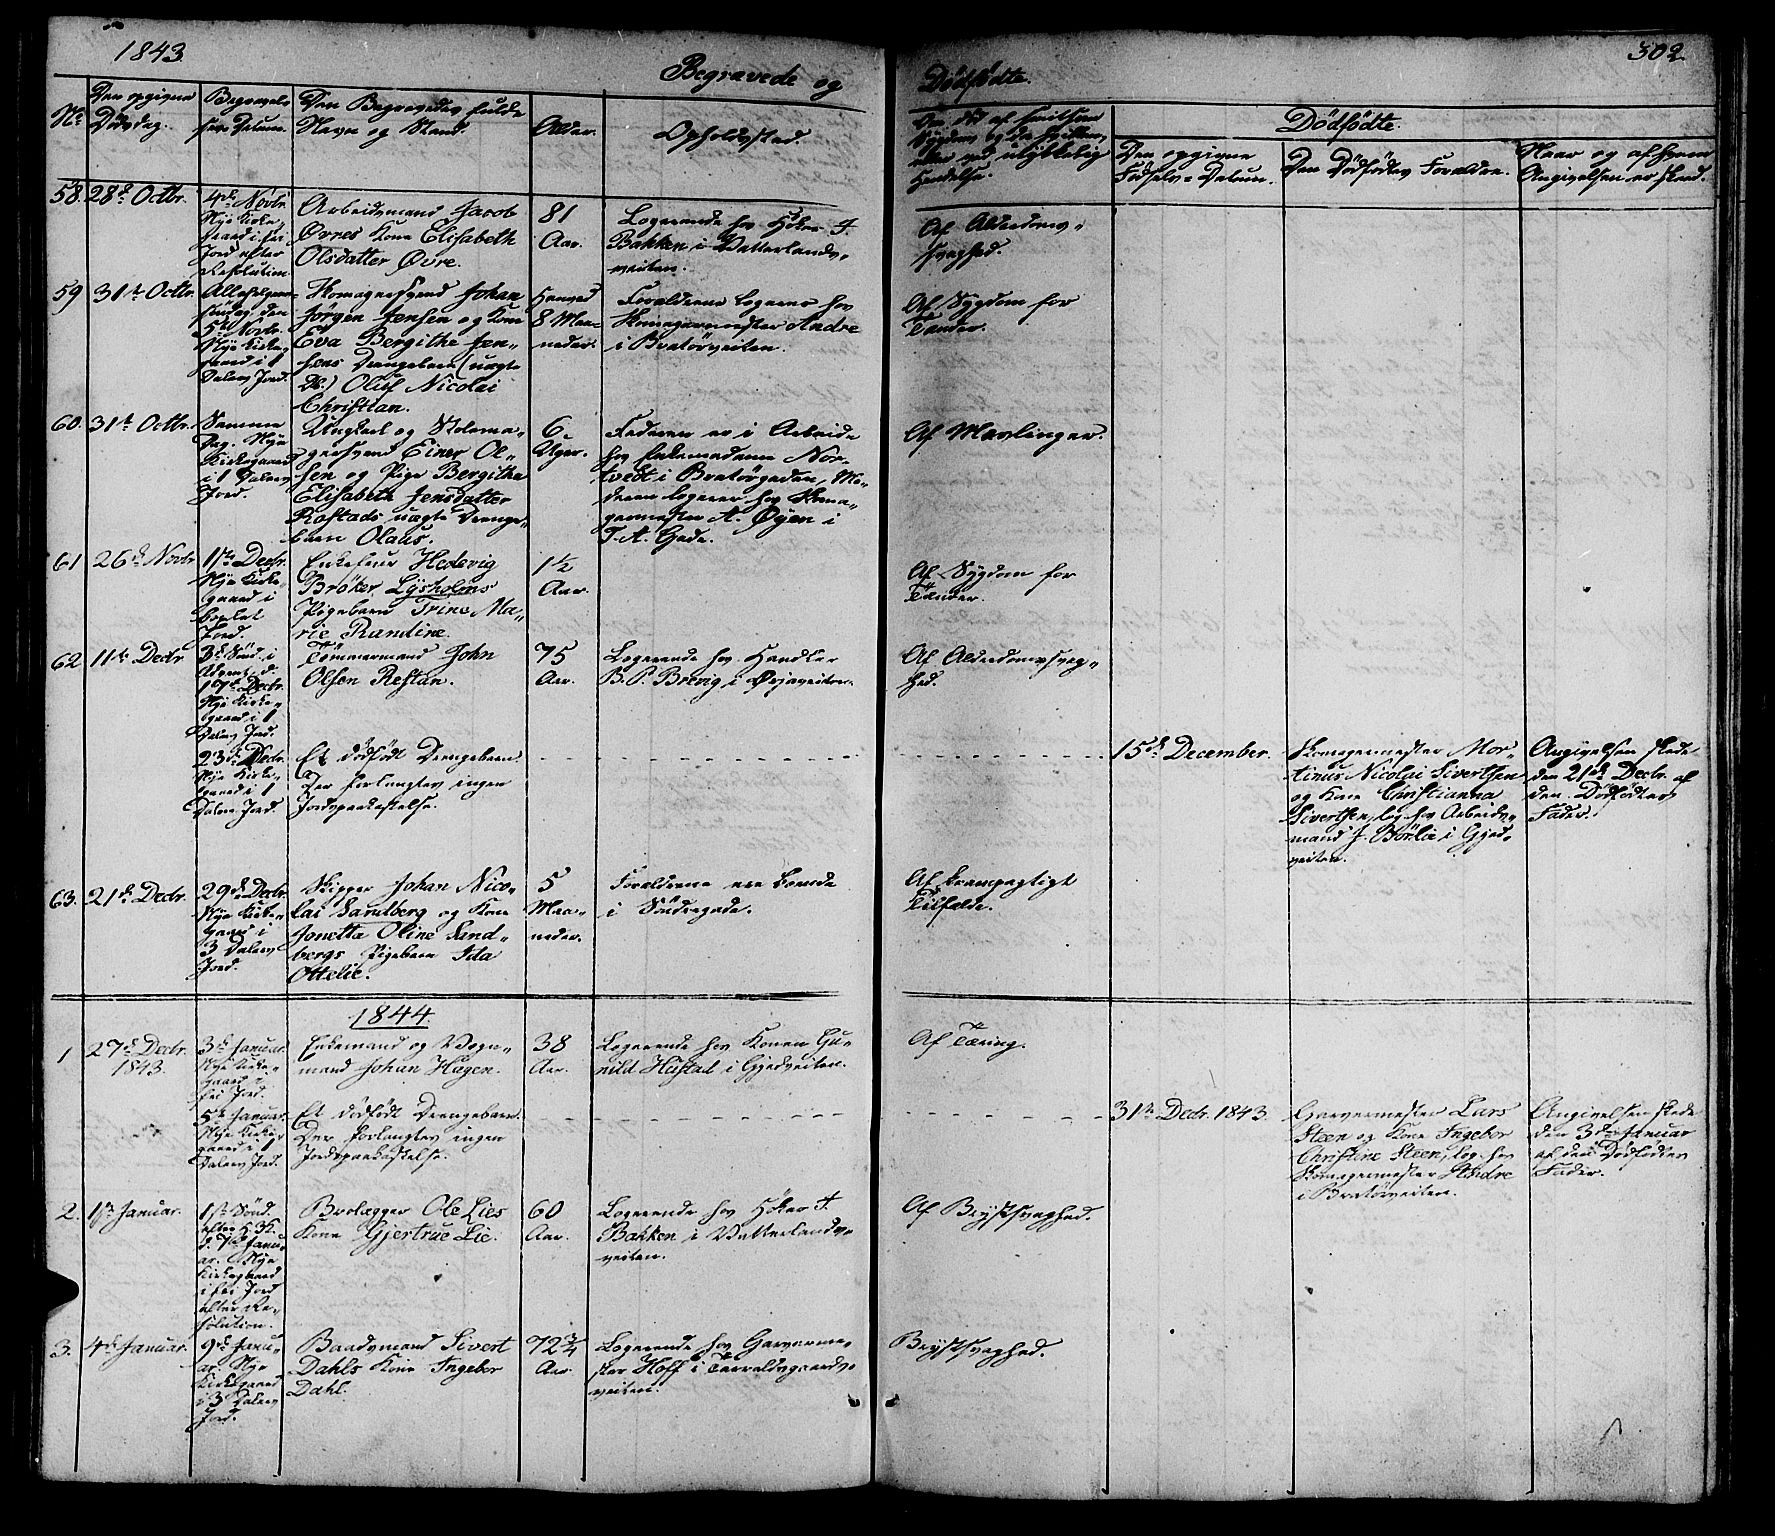 SAT, Ministerialprotokoller, klokkerbøker og fødselsregistre - Sør-Trøndelag, 602/L0136: Klokkerbok nr. 602C04, 1833-1845, s. 302